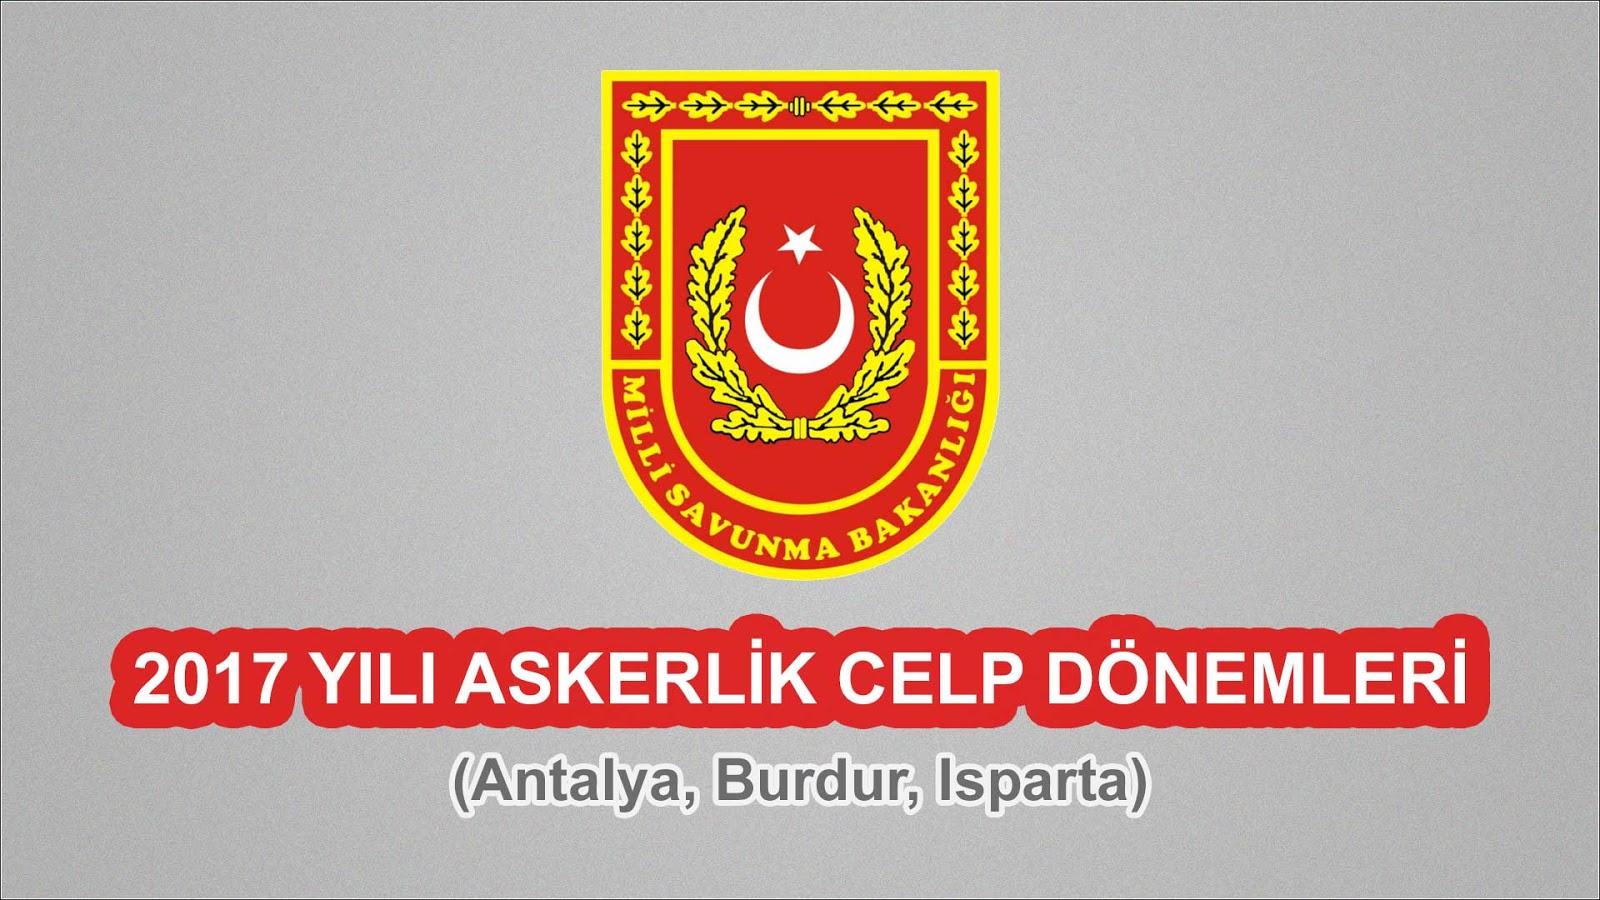 2017 Yılı Antalya, Burdur, Isparta Askerlik Celp Dönemleri